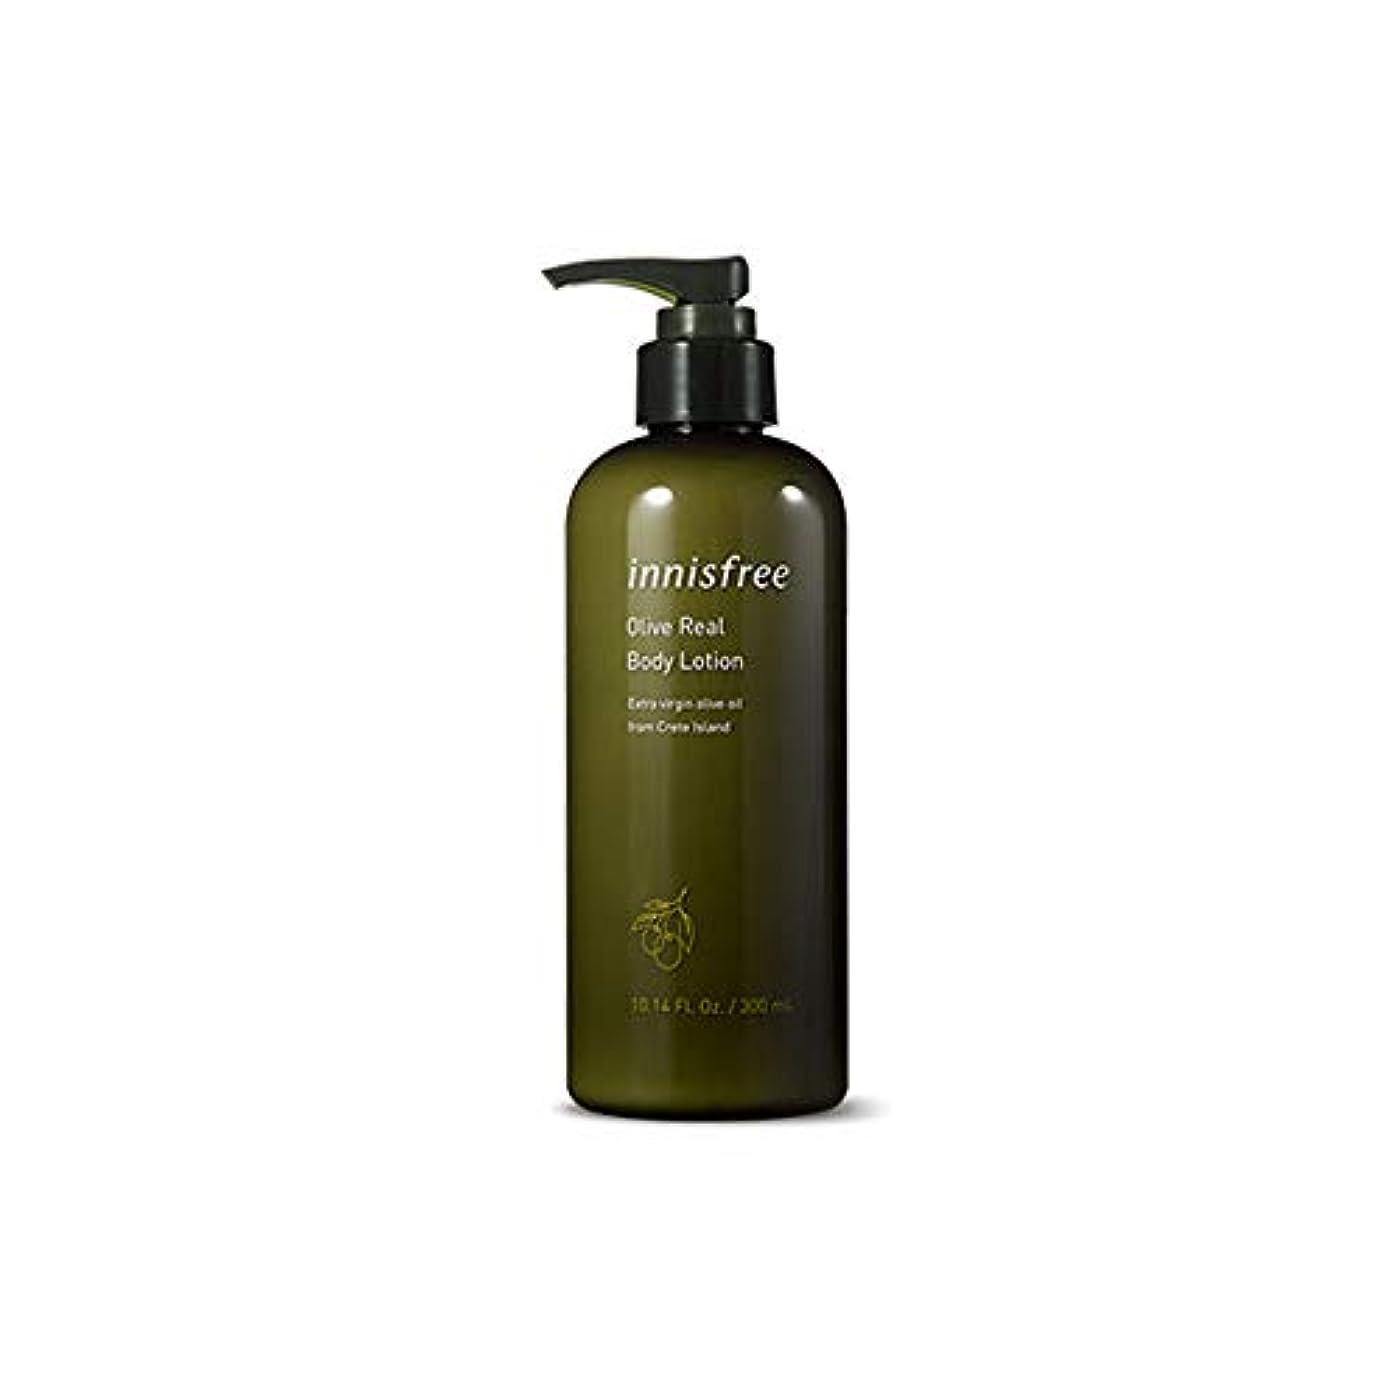 アブセイ左構造的イニスフリー Innisfree オリーブリアル ボディーローション(300ml) Innisfree Olive Real Body Lotion(300ml) [海外直送品]